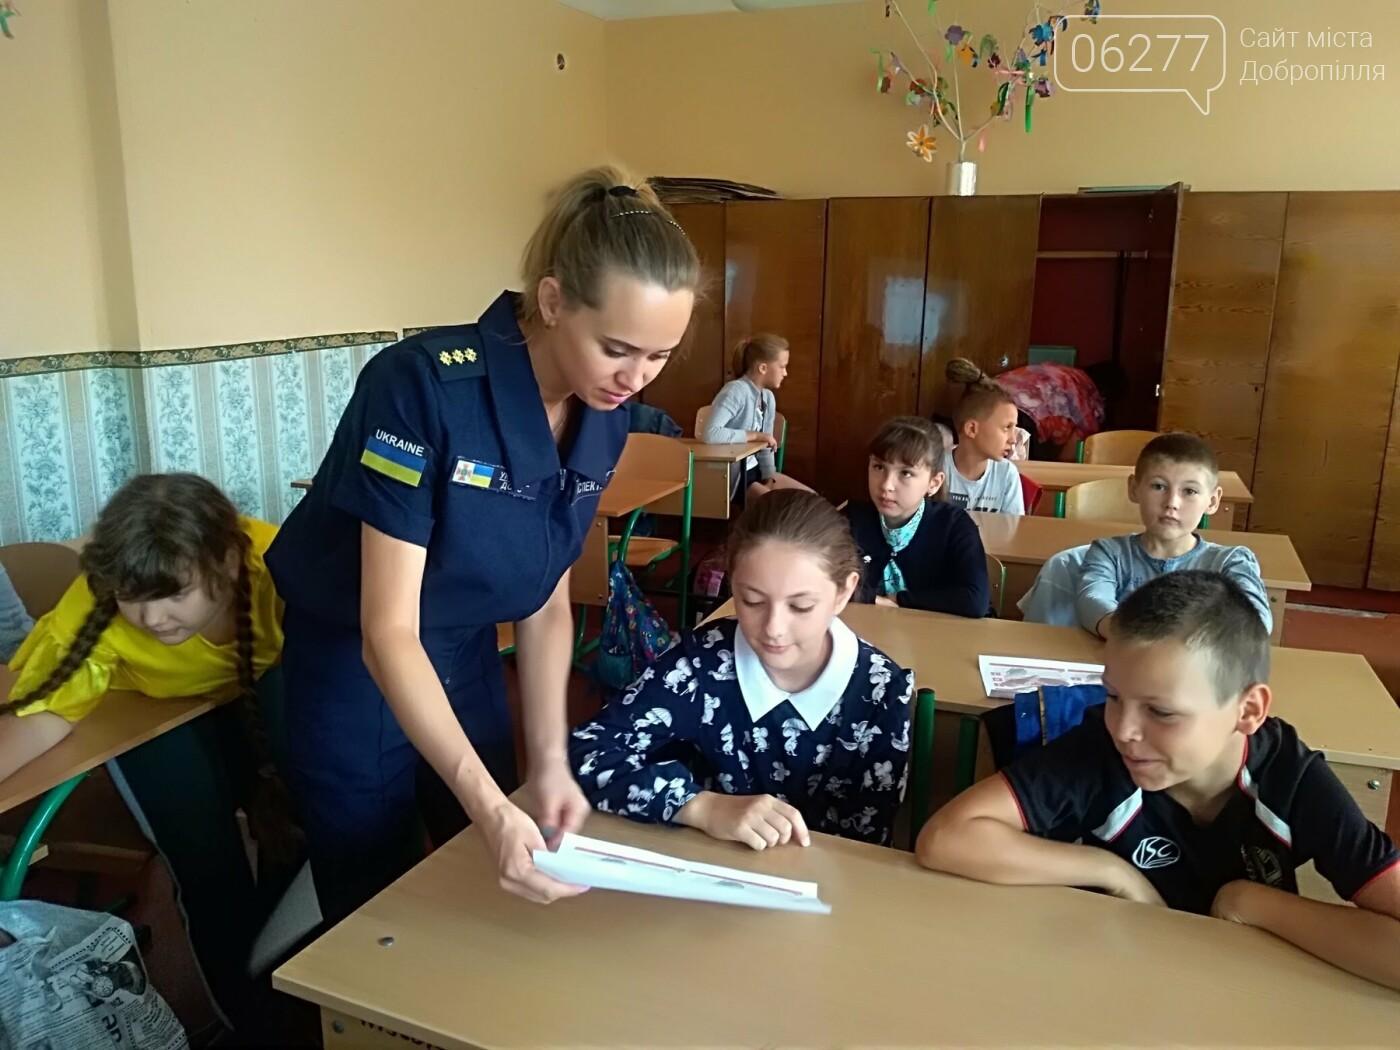 Рятувальники провели із школярам Новодонецького повчальну бесіду, фото-1